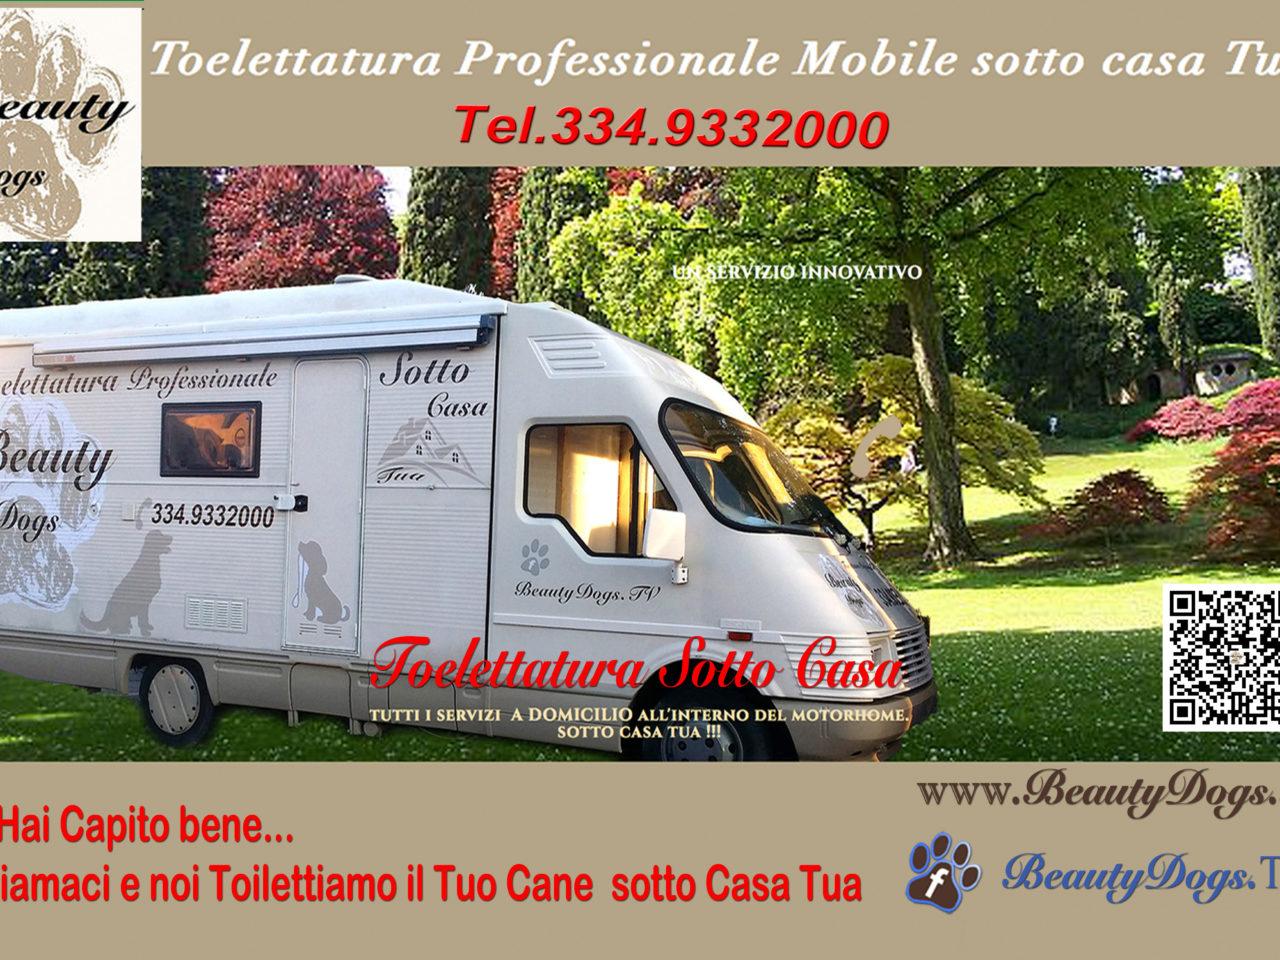 Vasca Da Toelettatura : Beauty dogs toelettatura professionale mobile sotto casa tua